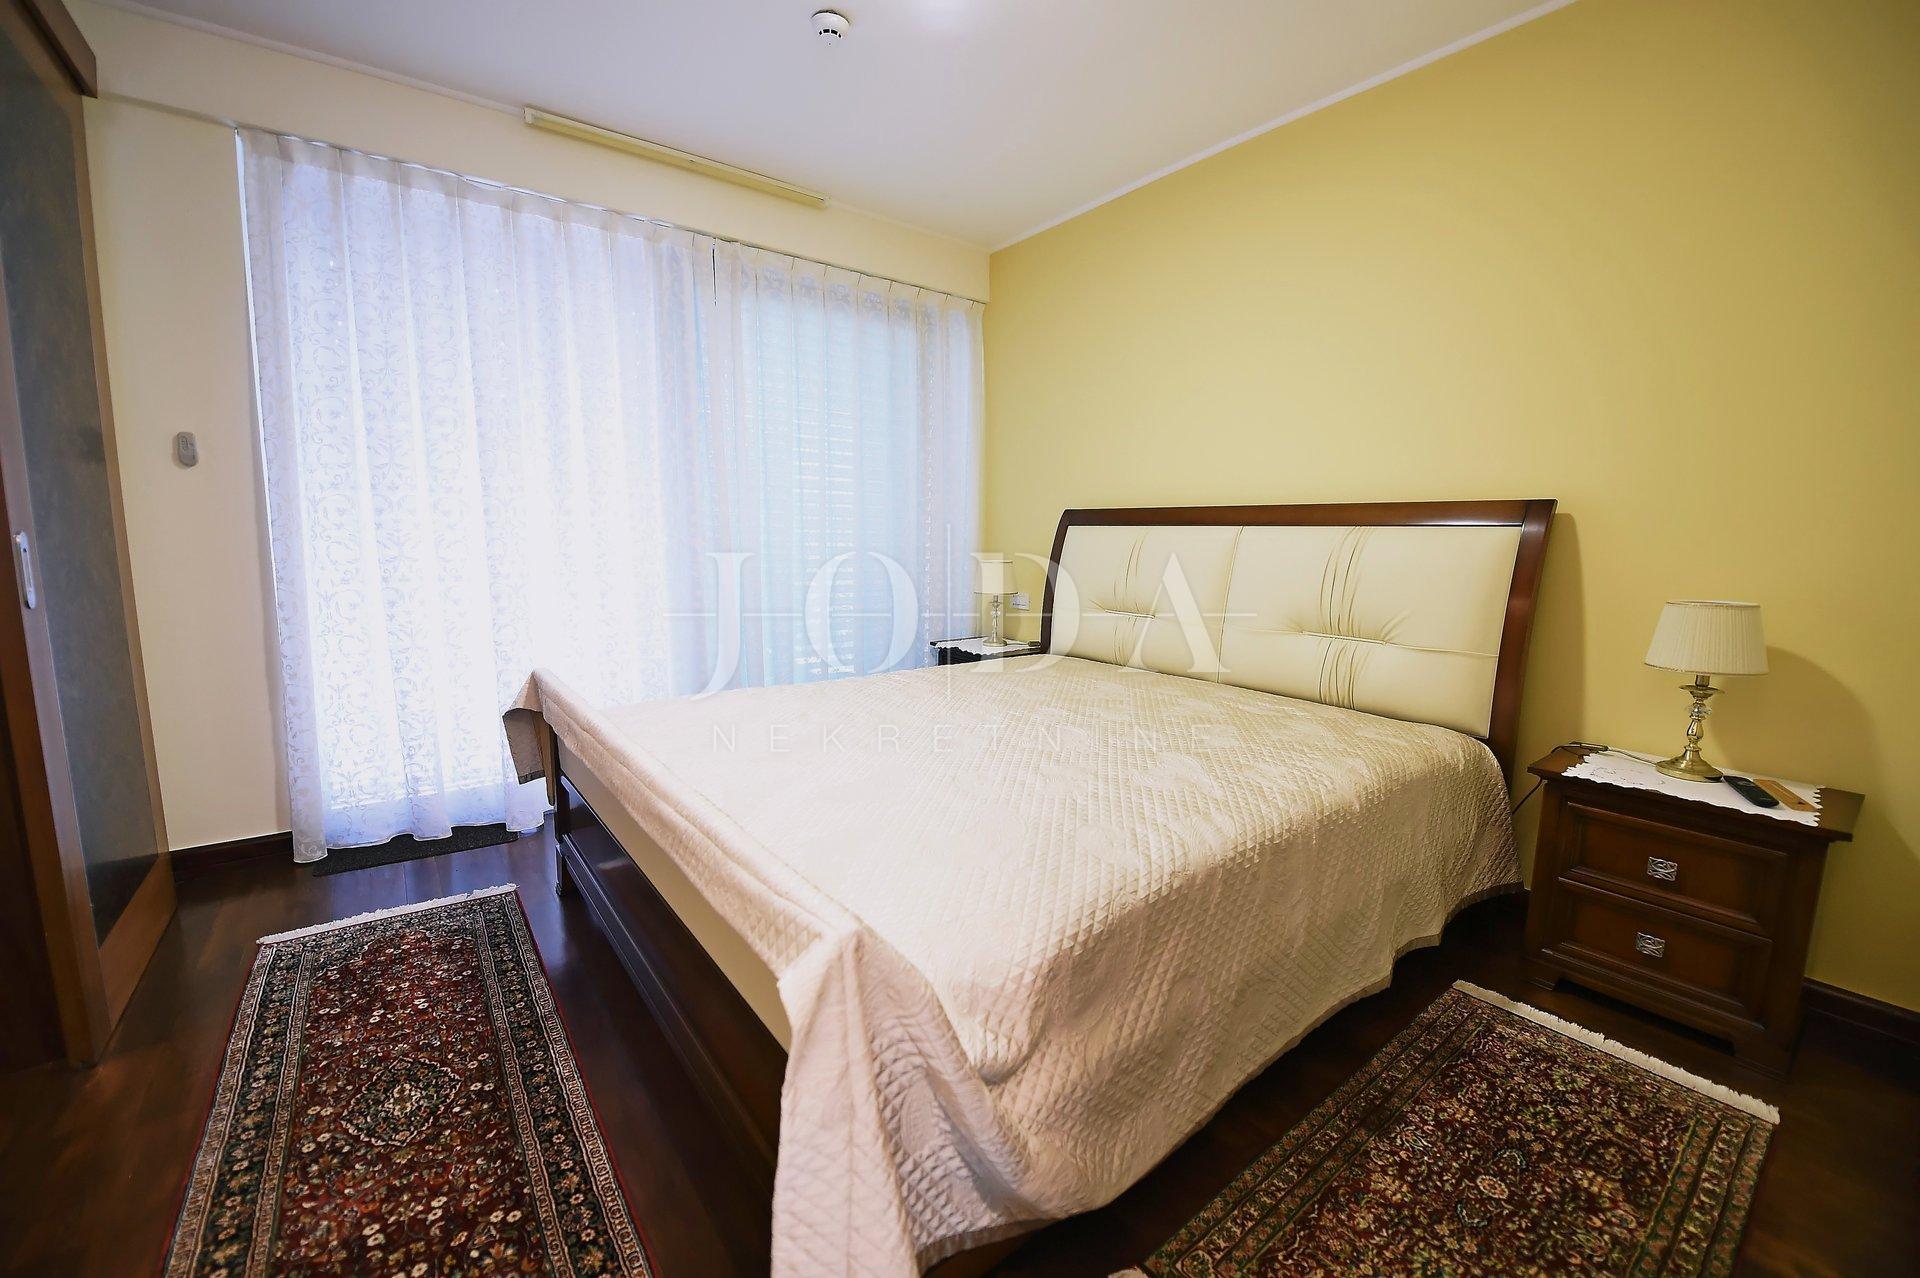 Flat, Opatija - Centar, Opatija, 97 m²